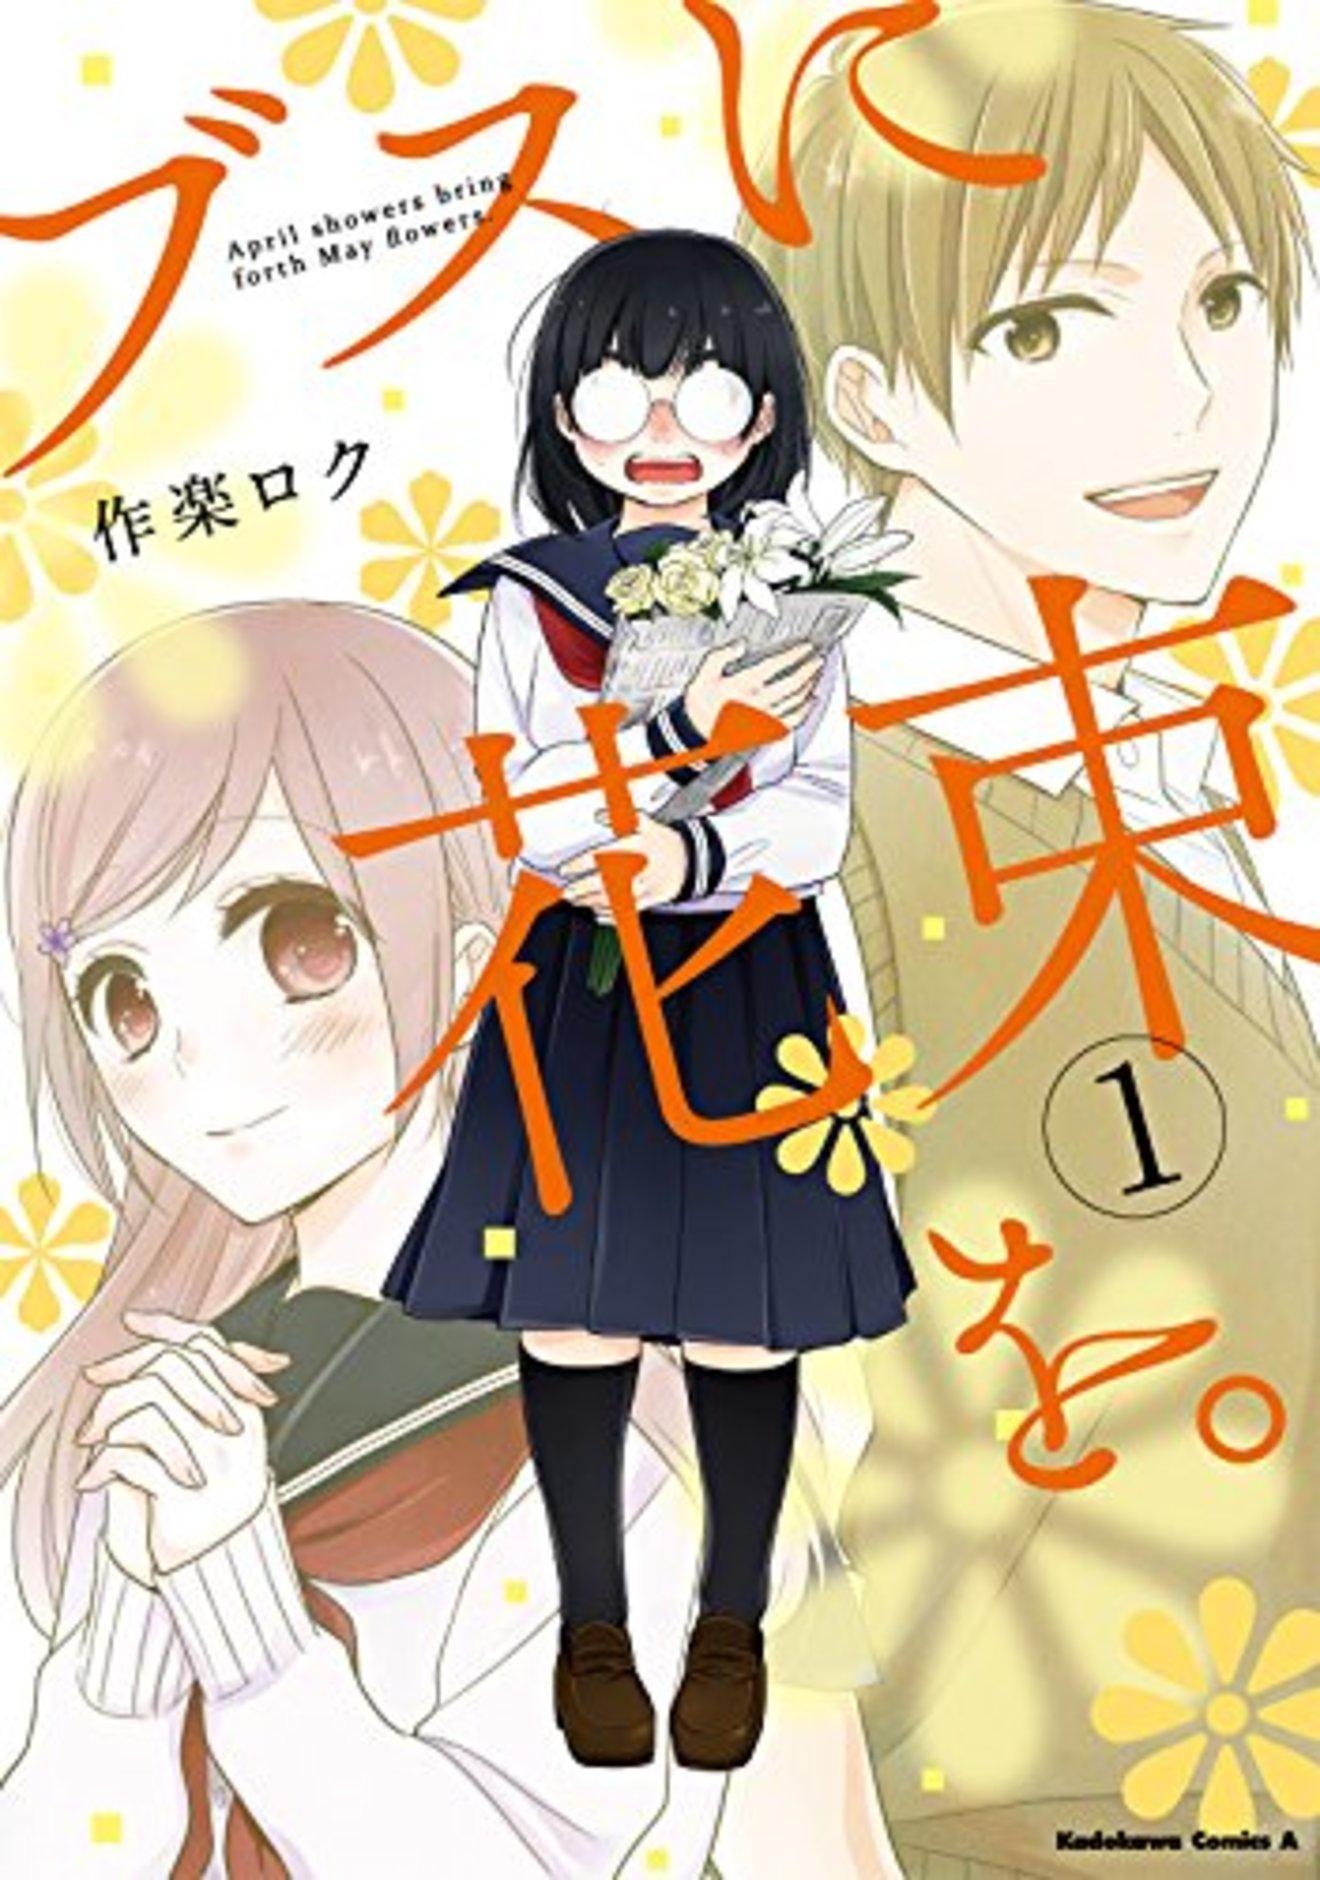 モブ女子が輝くおすすめ恋愛漫画5選!めざせ恋愛下克上!